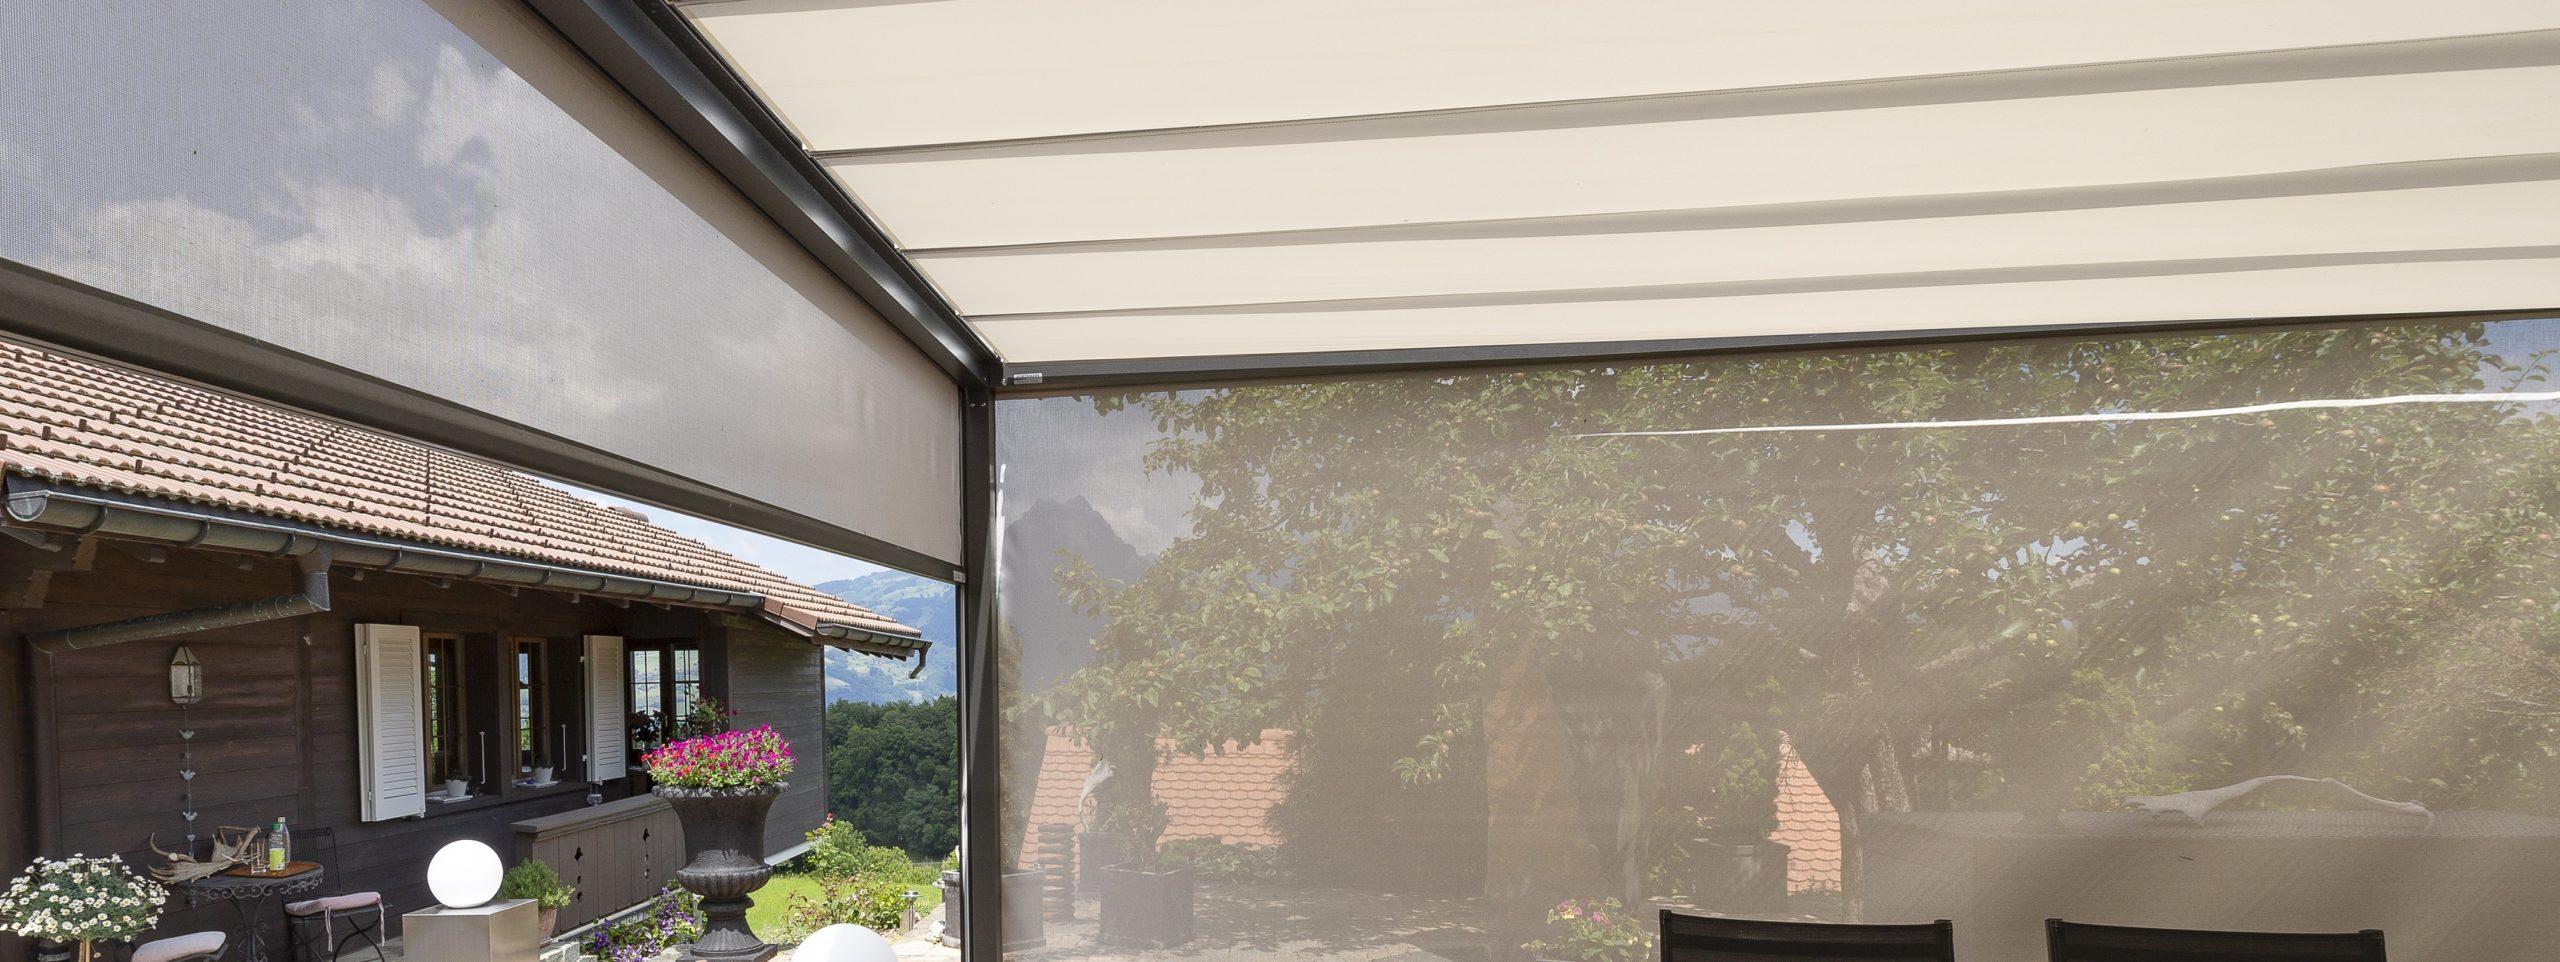 pergola-wind-sonnenschutz-senkrechtbeschattung-beschattungssystem